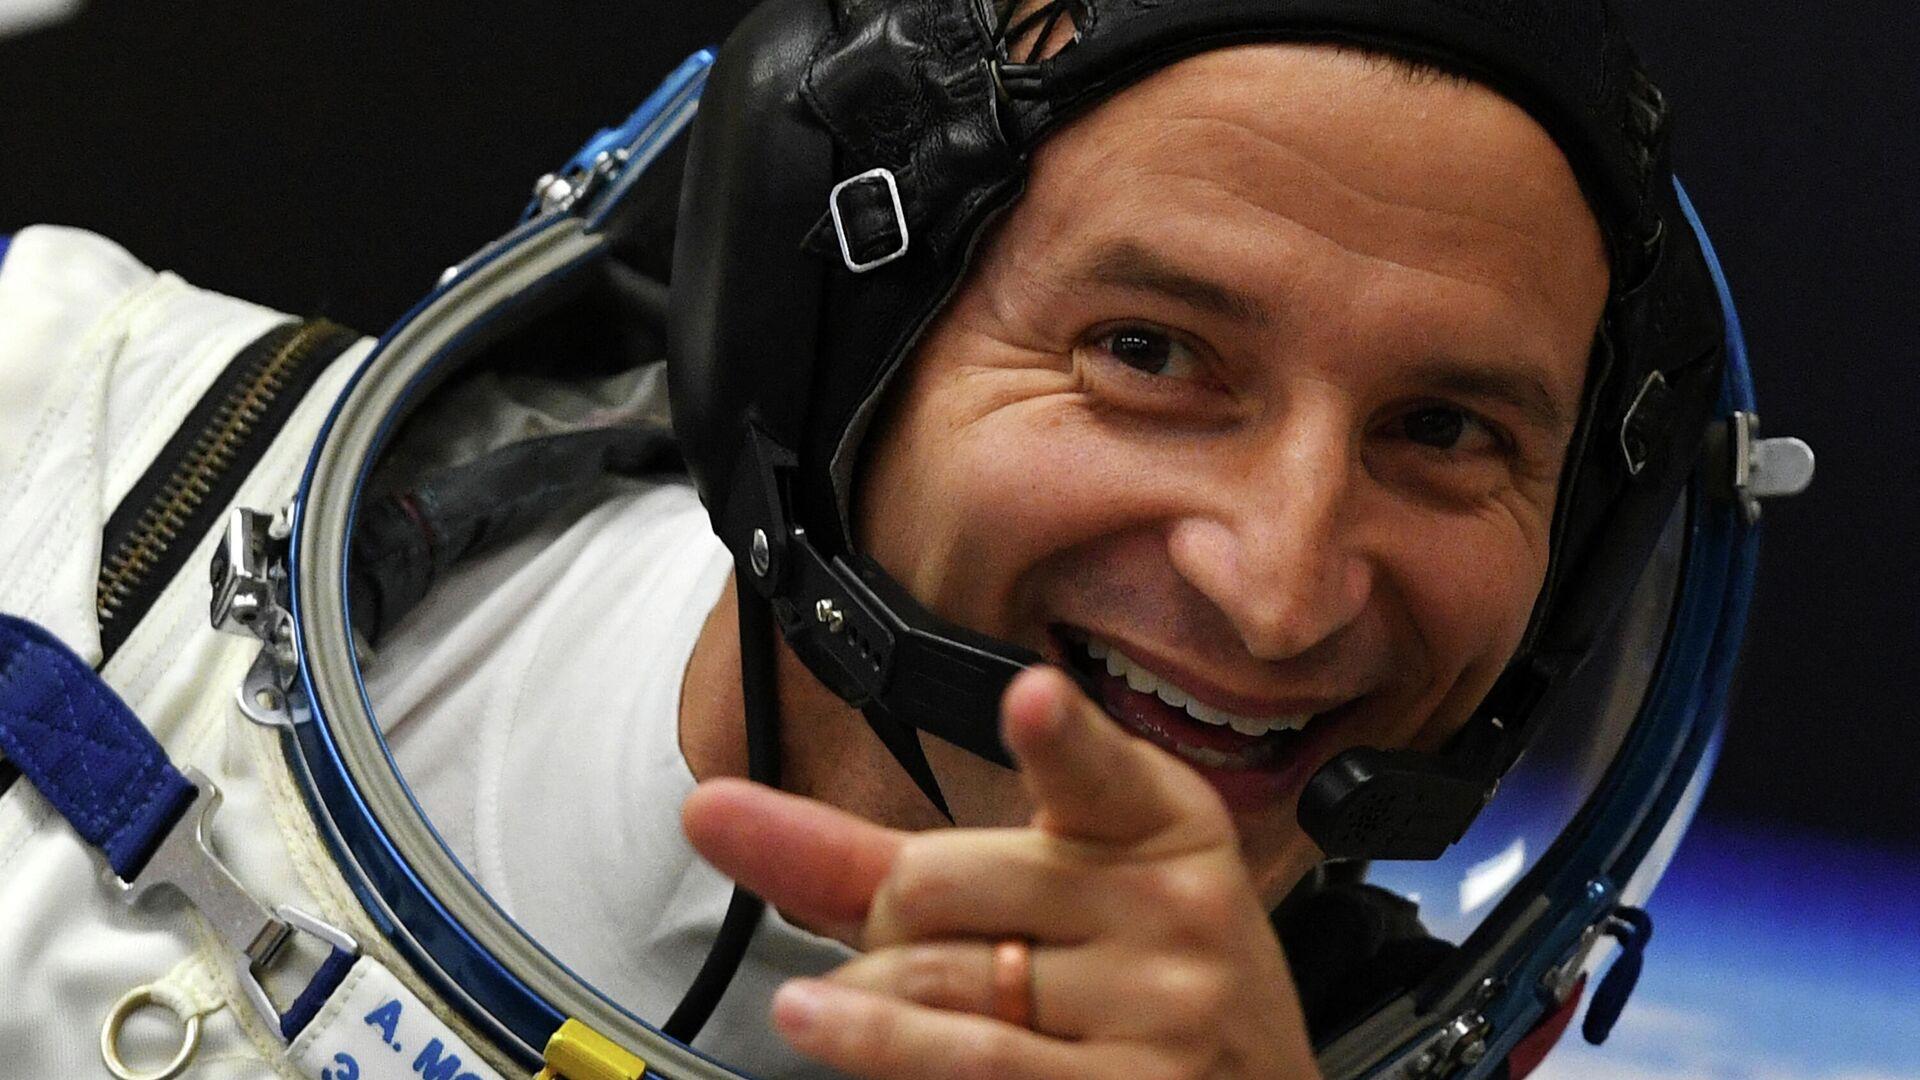 Космическое белье: что у космонавтов под скафандром